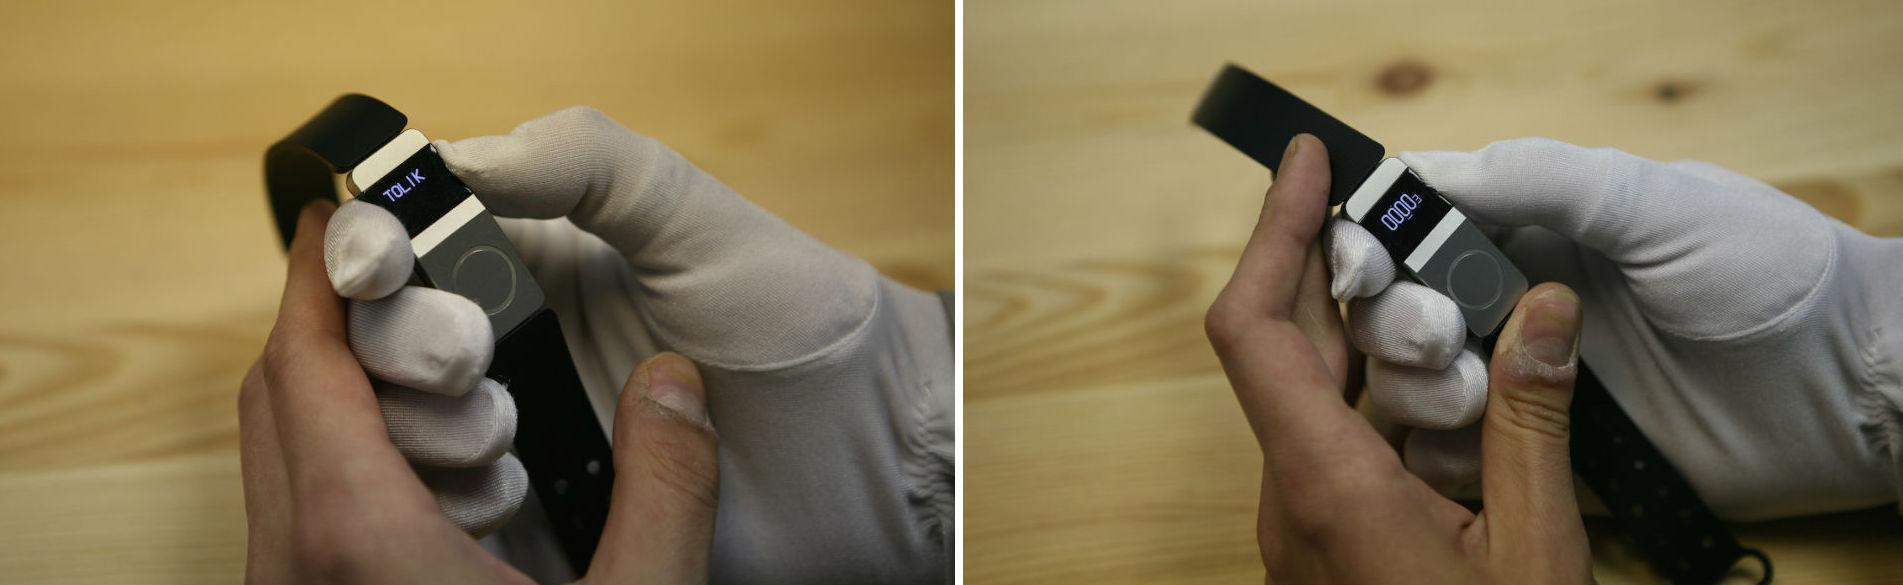 Обзор W-Me2 — первый трекер, который измеряет давление. А также пульс. И записывает ЭКГ - 17